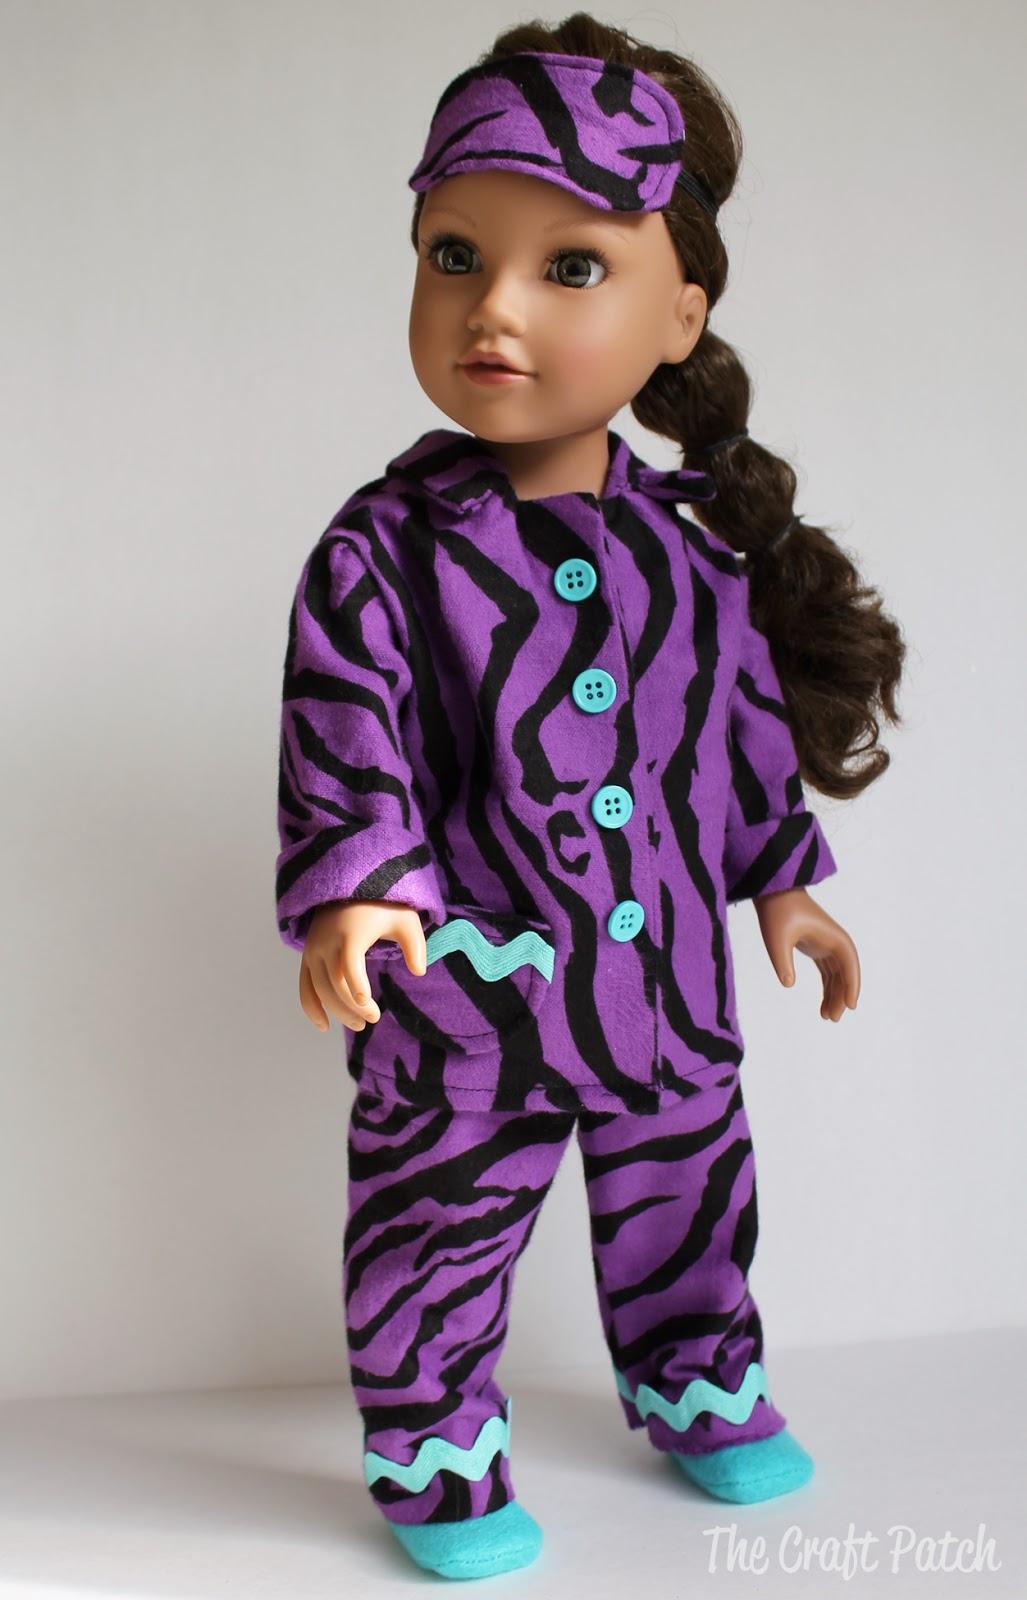 6261612ec092 American Girl Doll Pajamas - thecraftpatchblog.com